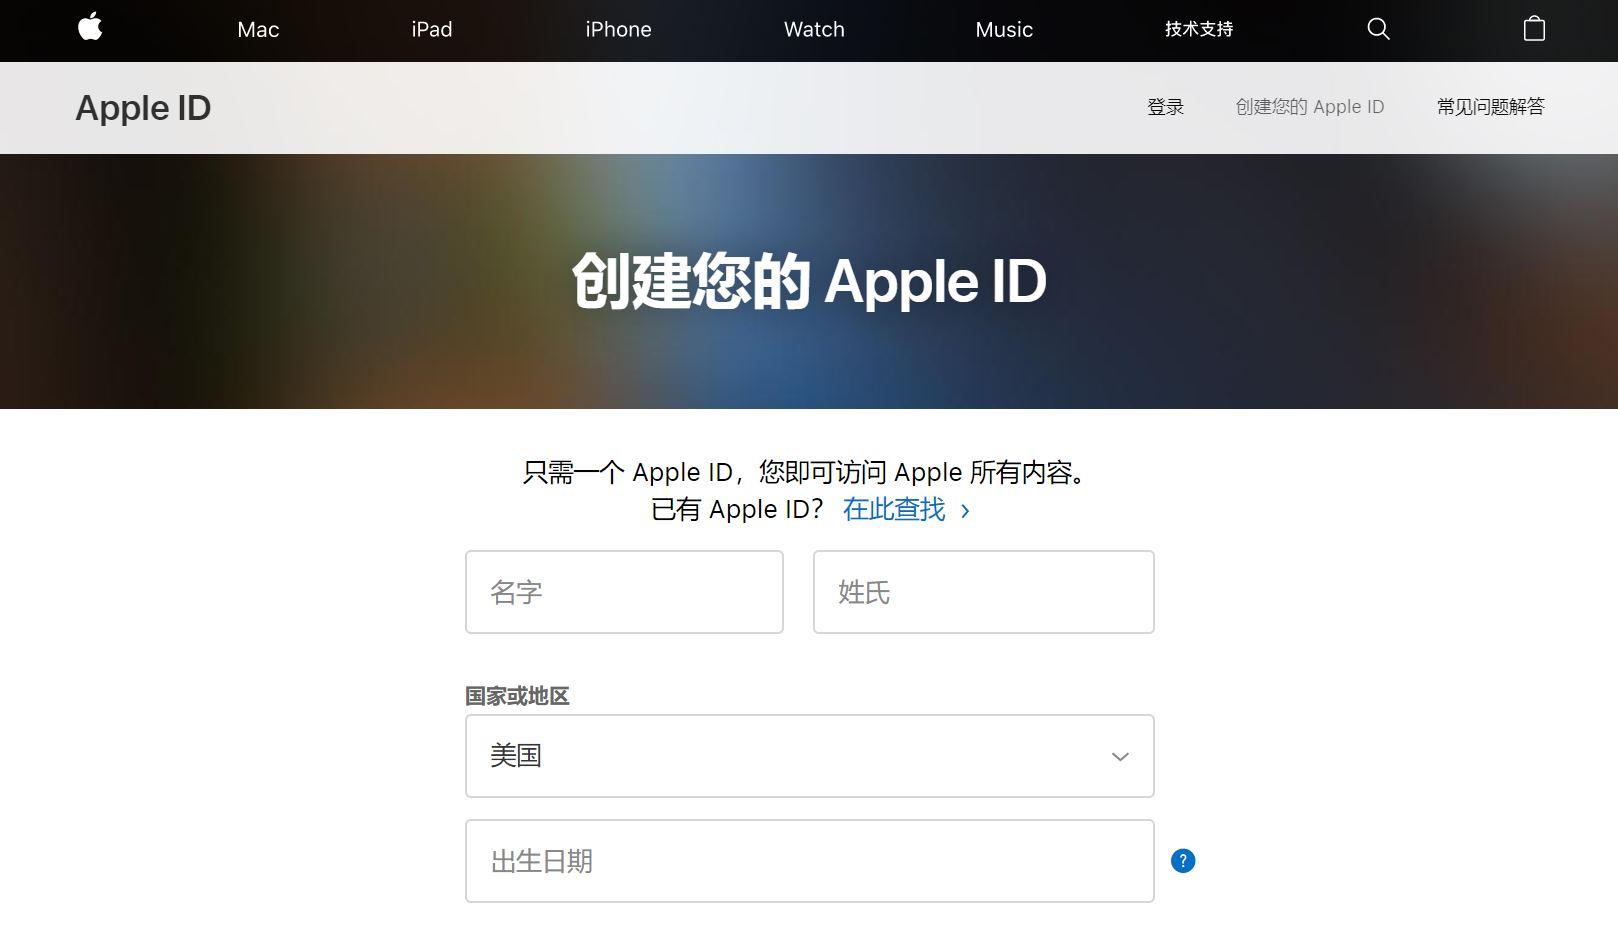 注册美区 Apple ID 帐号的终极指南